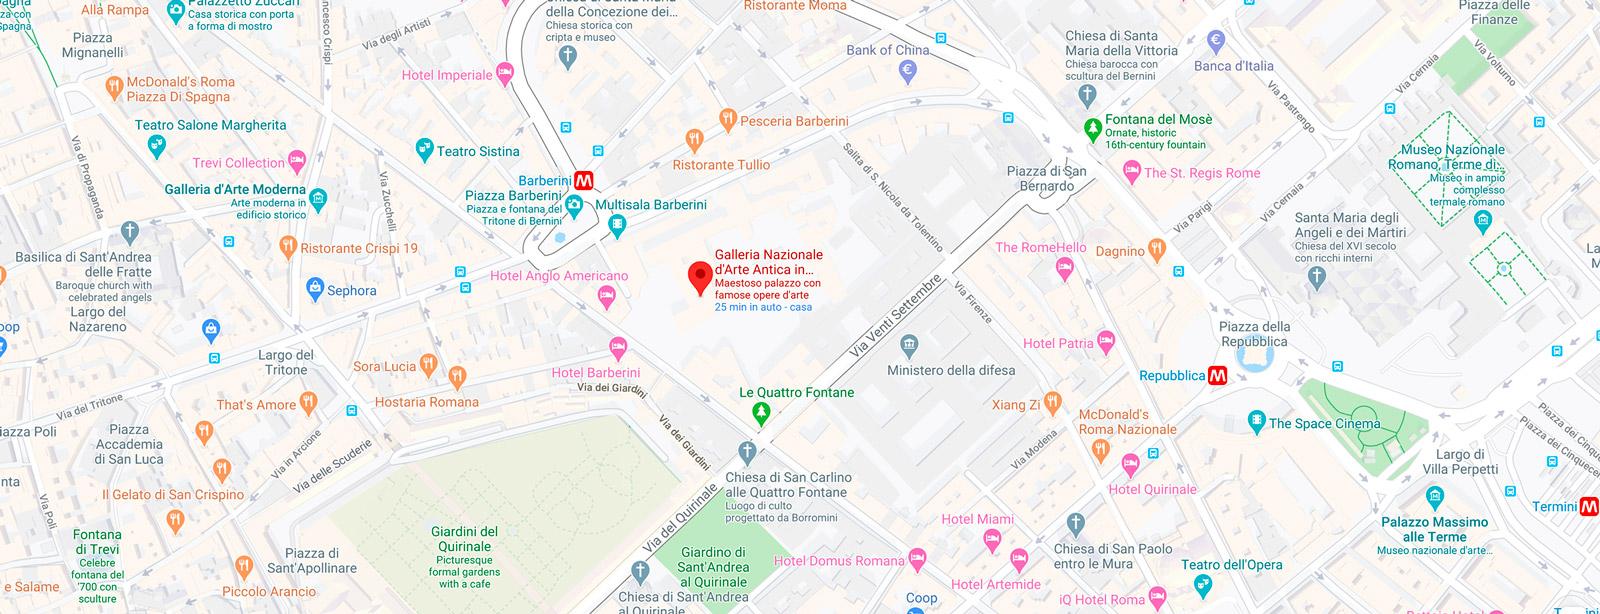 Gebart SPA Gallerie Nazionali Barberini Corsini Palazzo Barberini Mappa